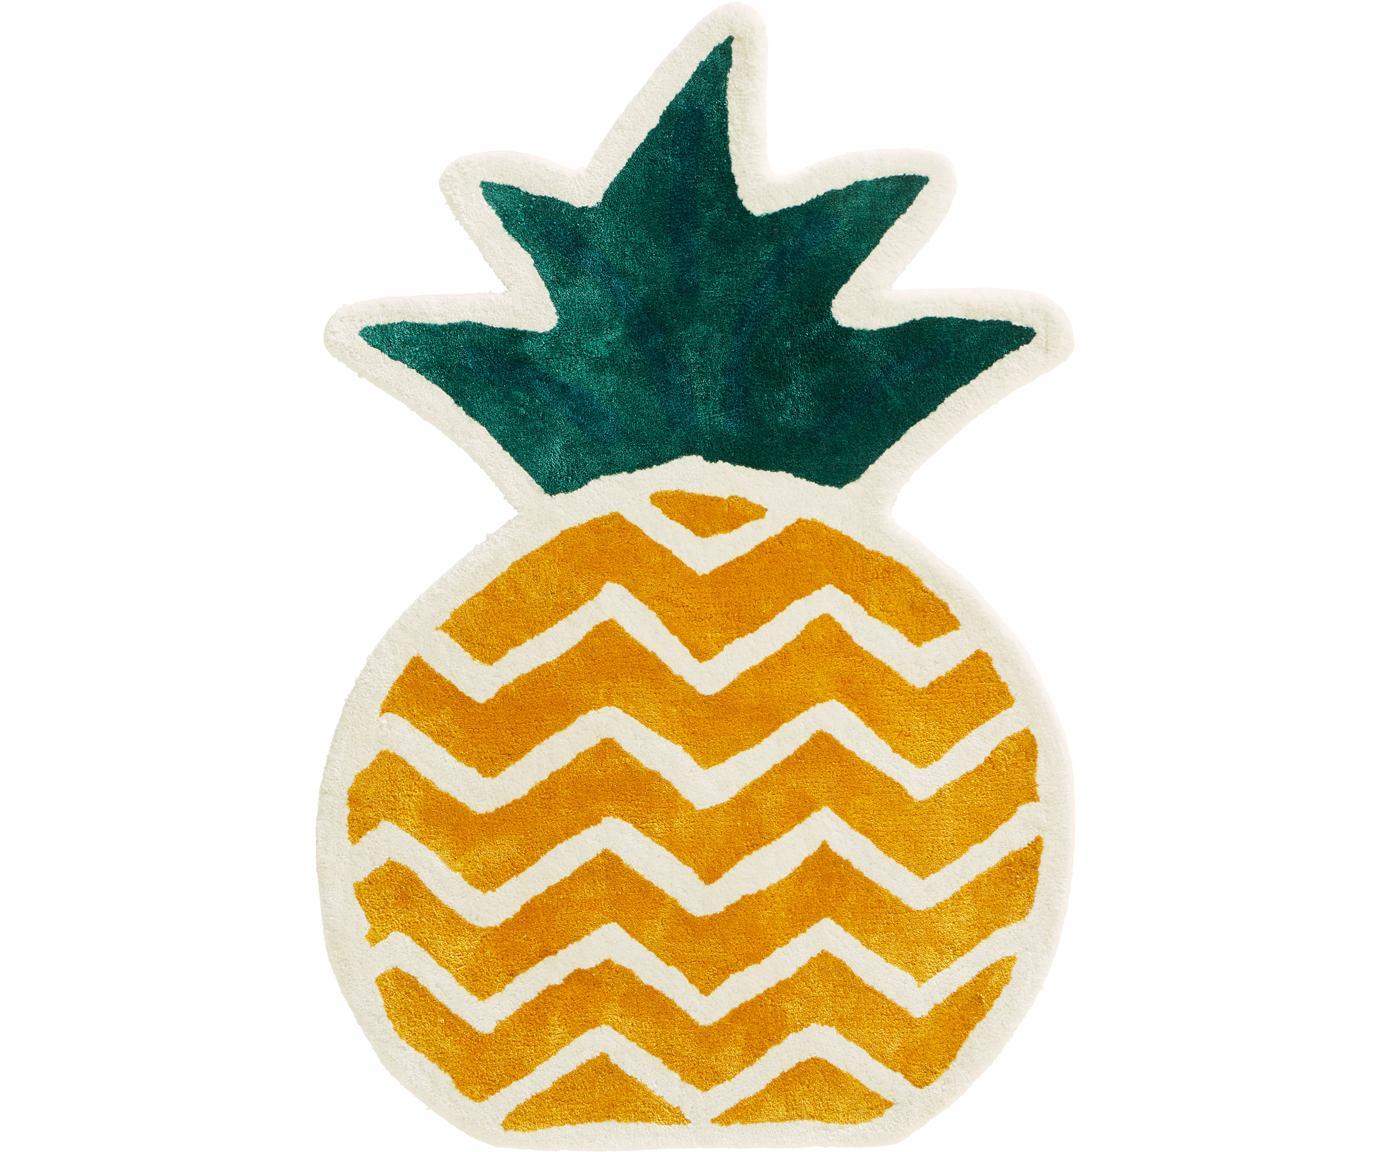 Alfombra Pineapple, Viscosa, Amarillo, verde, blanco crema, An 60 x L 90 cm